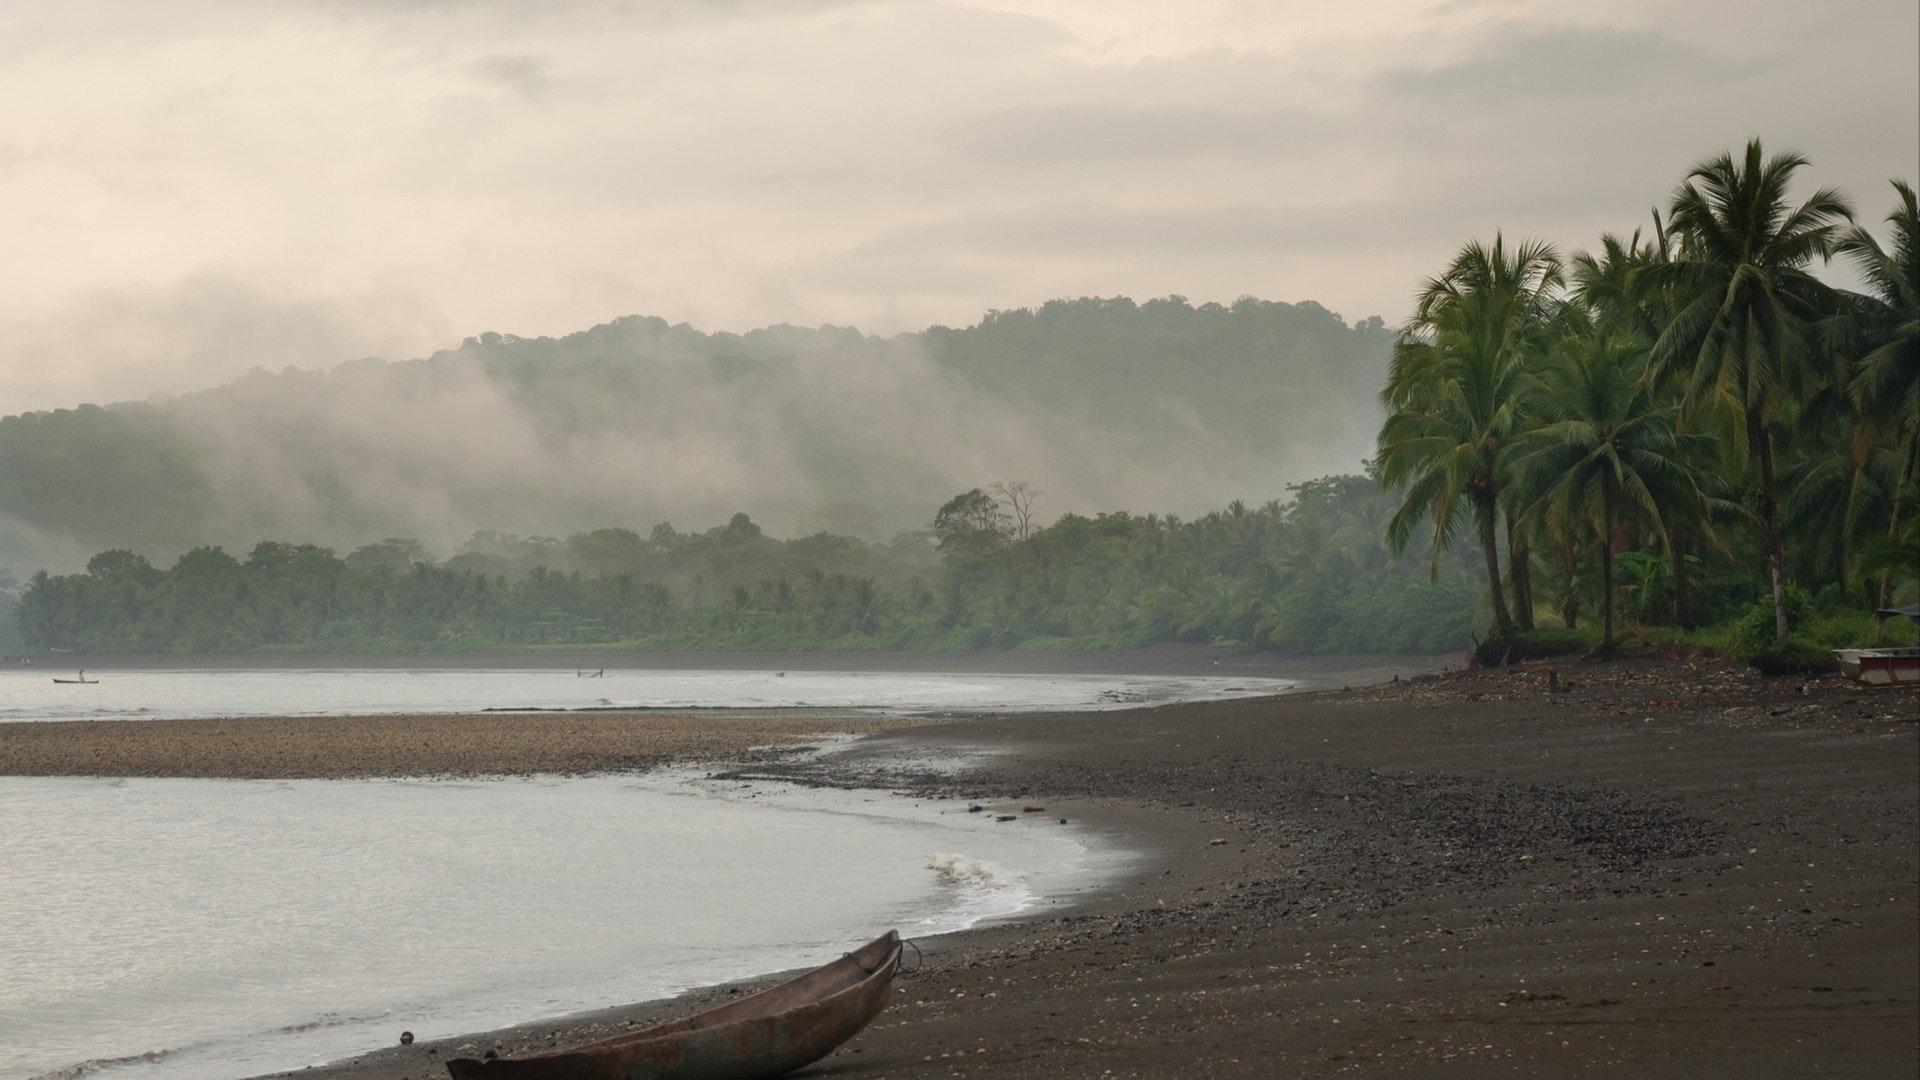 哥伦比亚太平洋海岸曙光